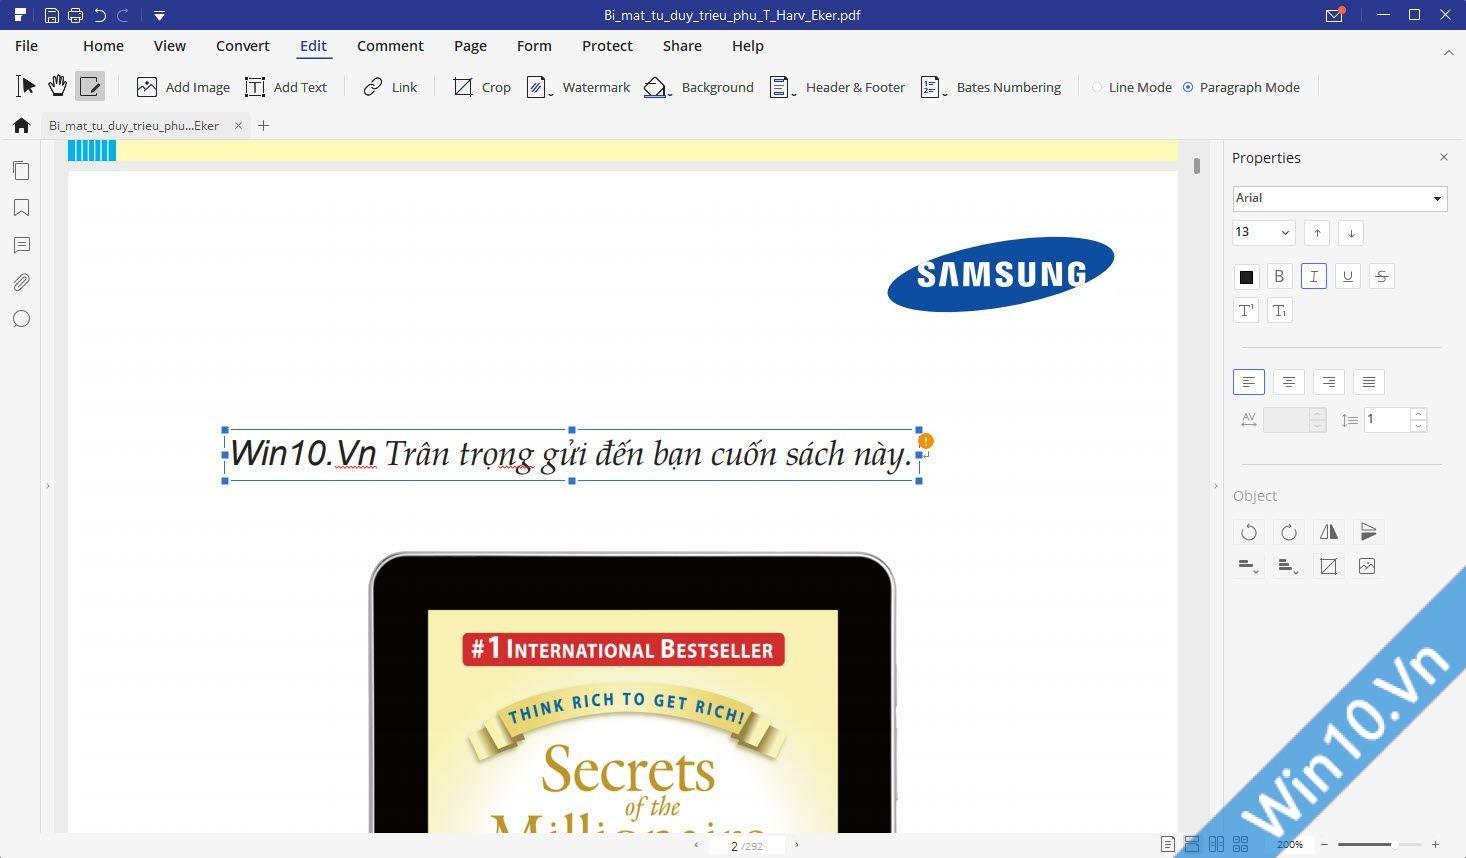 chỉnh sửa file pdf